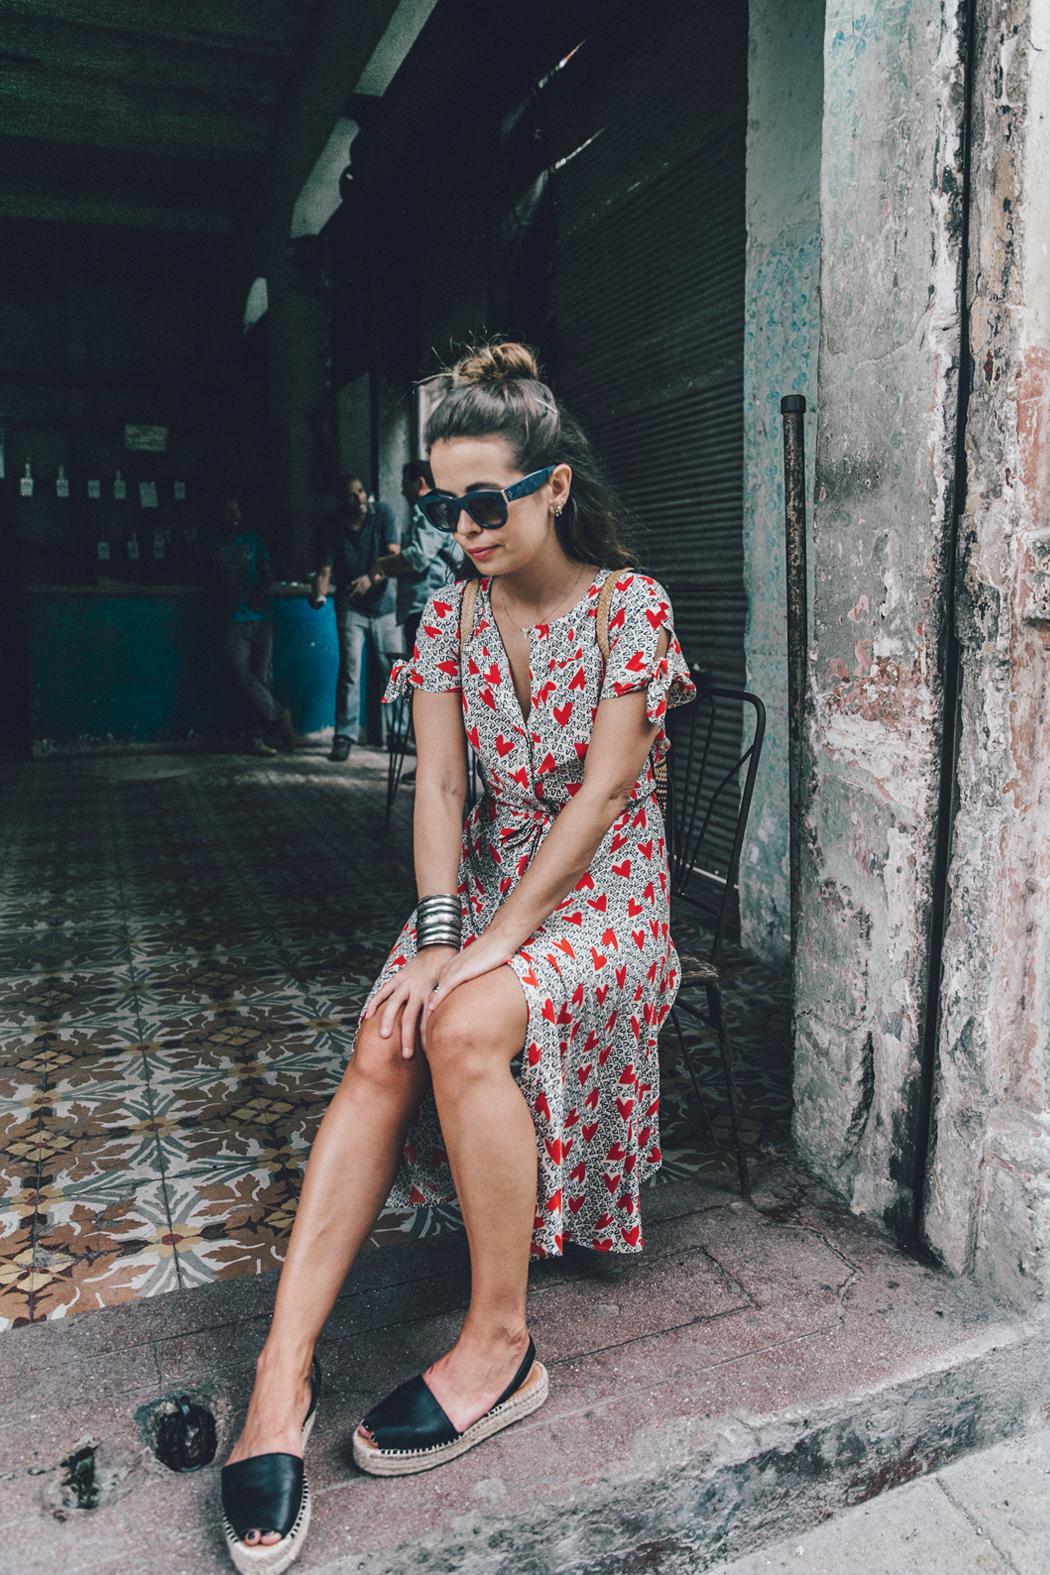 Cuba-La_Habana_Vieja-Hearts_Dress-Styled_By_Me-Aloha_Espadrilles-Outfit-Street_Style-Dress-Backpack-62